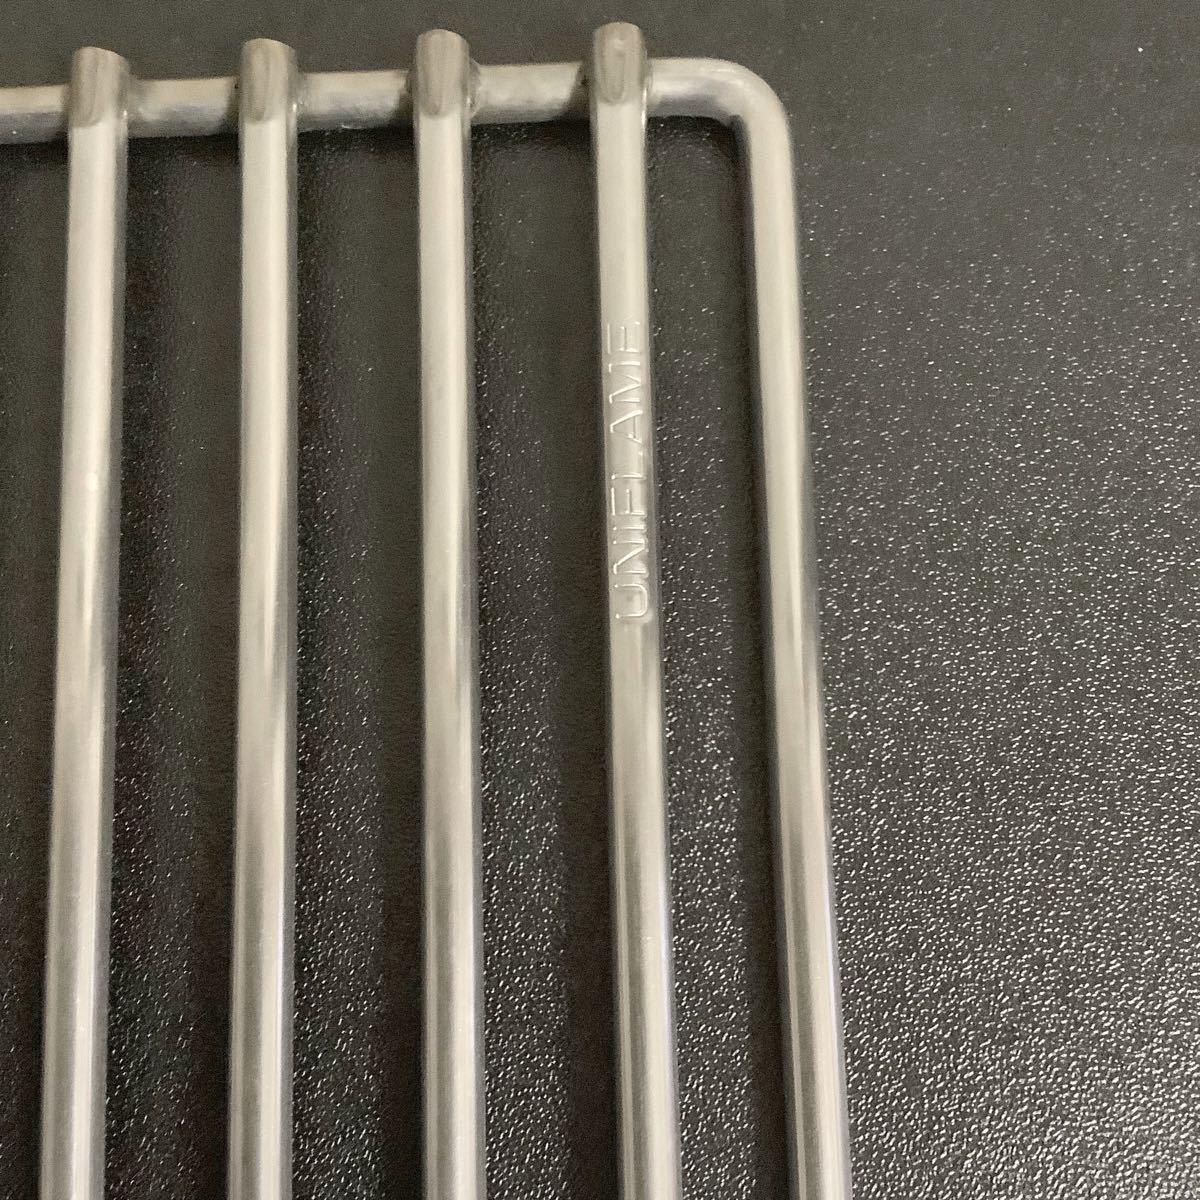 ユニフレーム  ファイアグリル用 ヘビーロストル(未使用)+エンボス鉄板